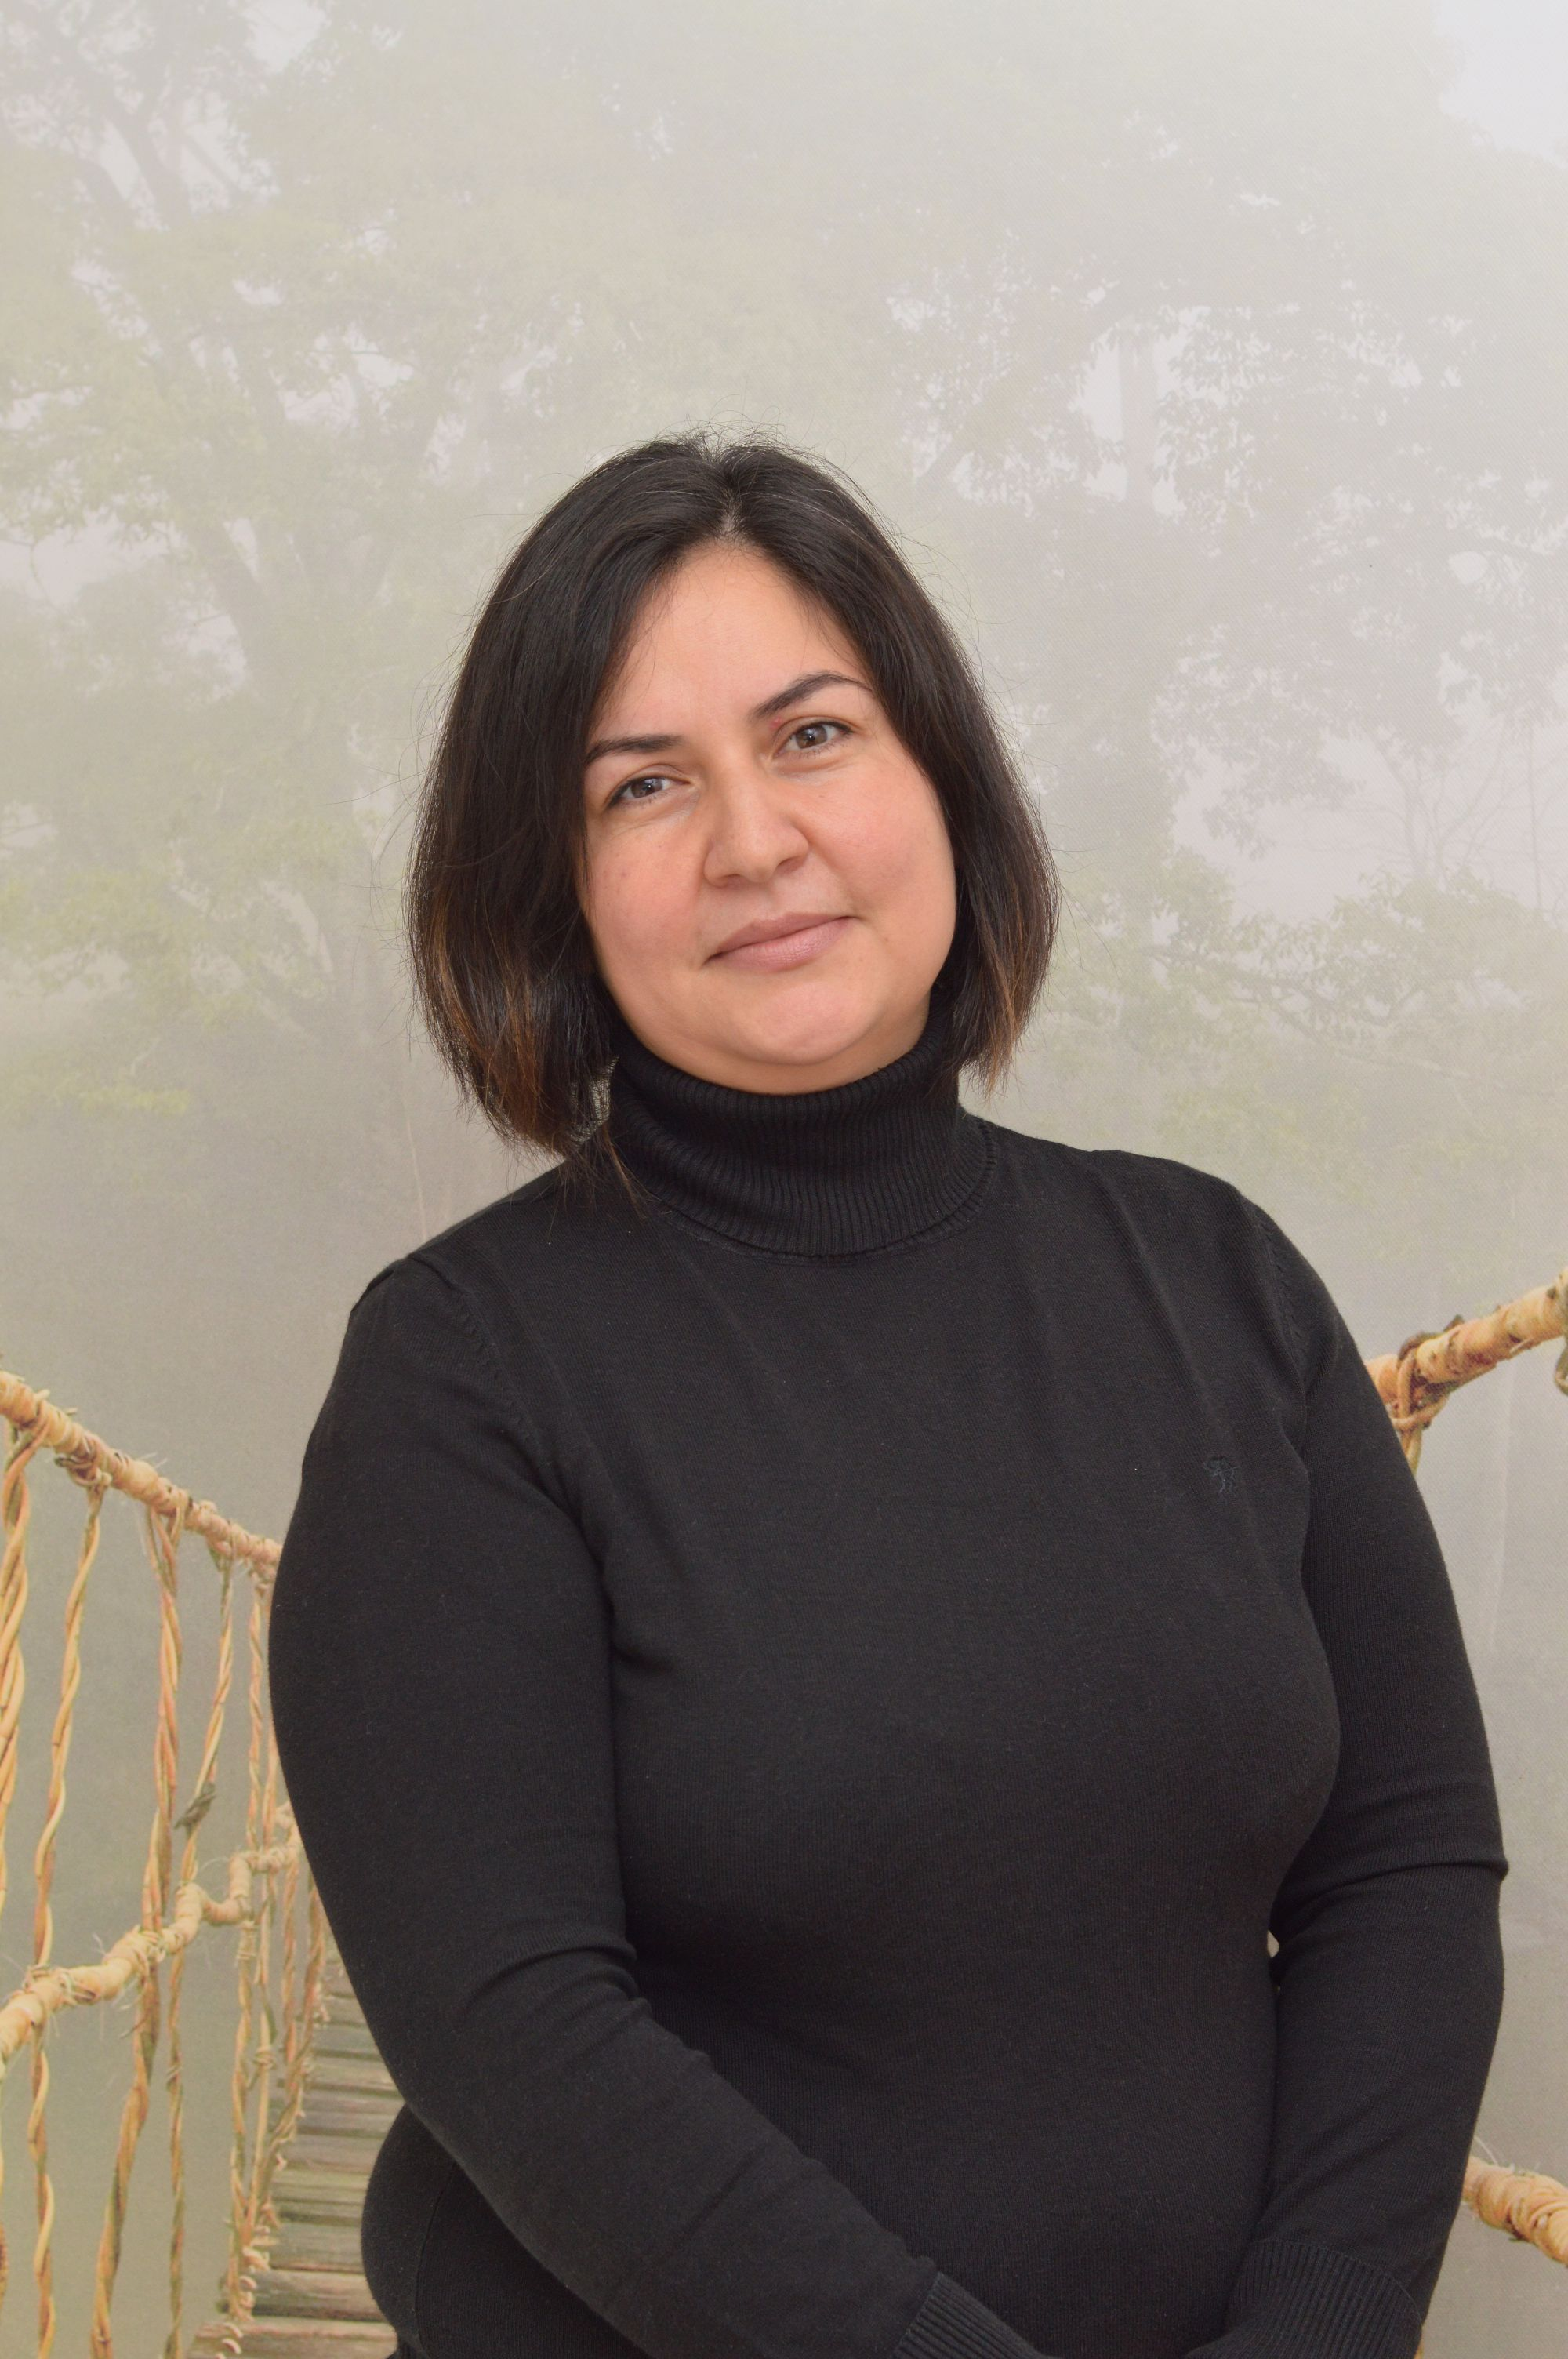 Yeliz Cura